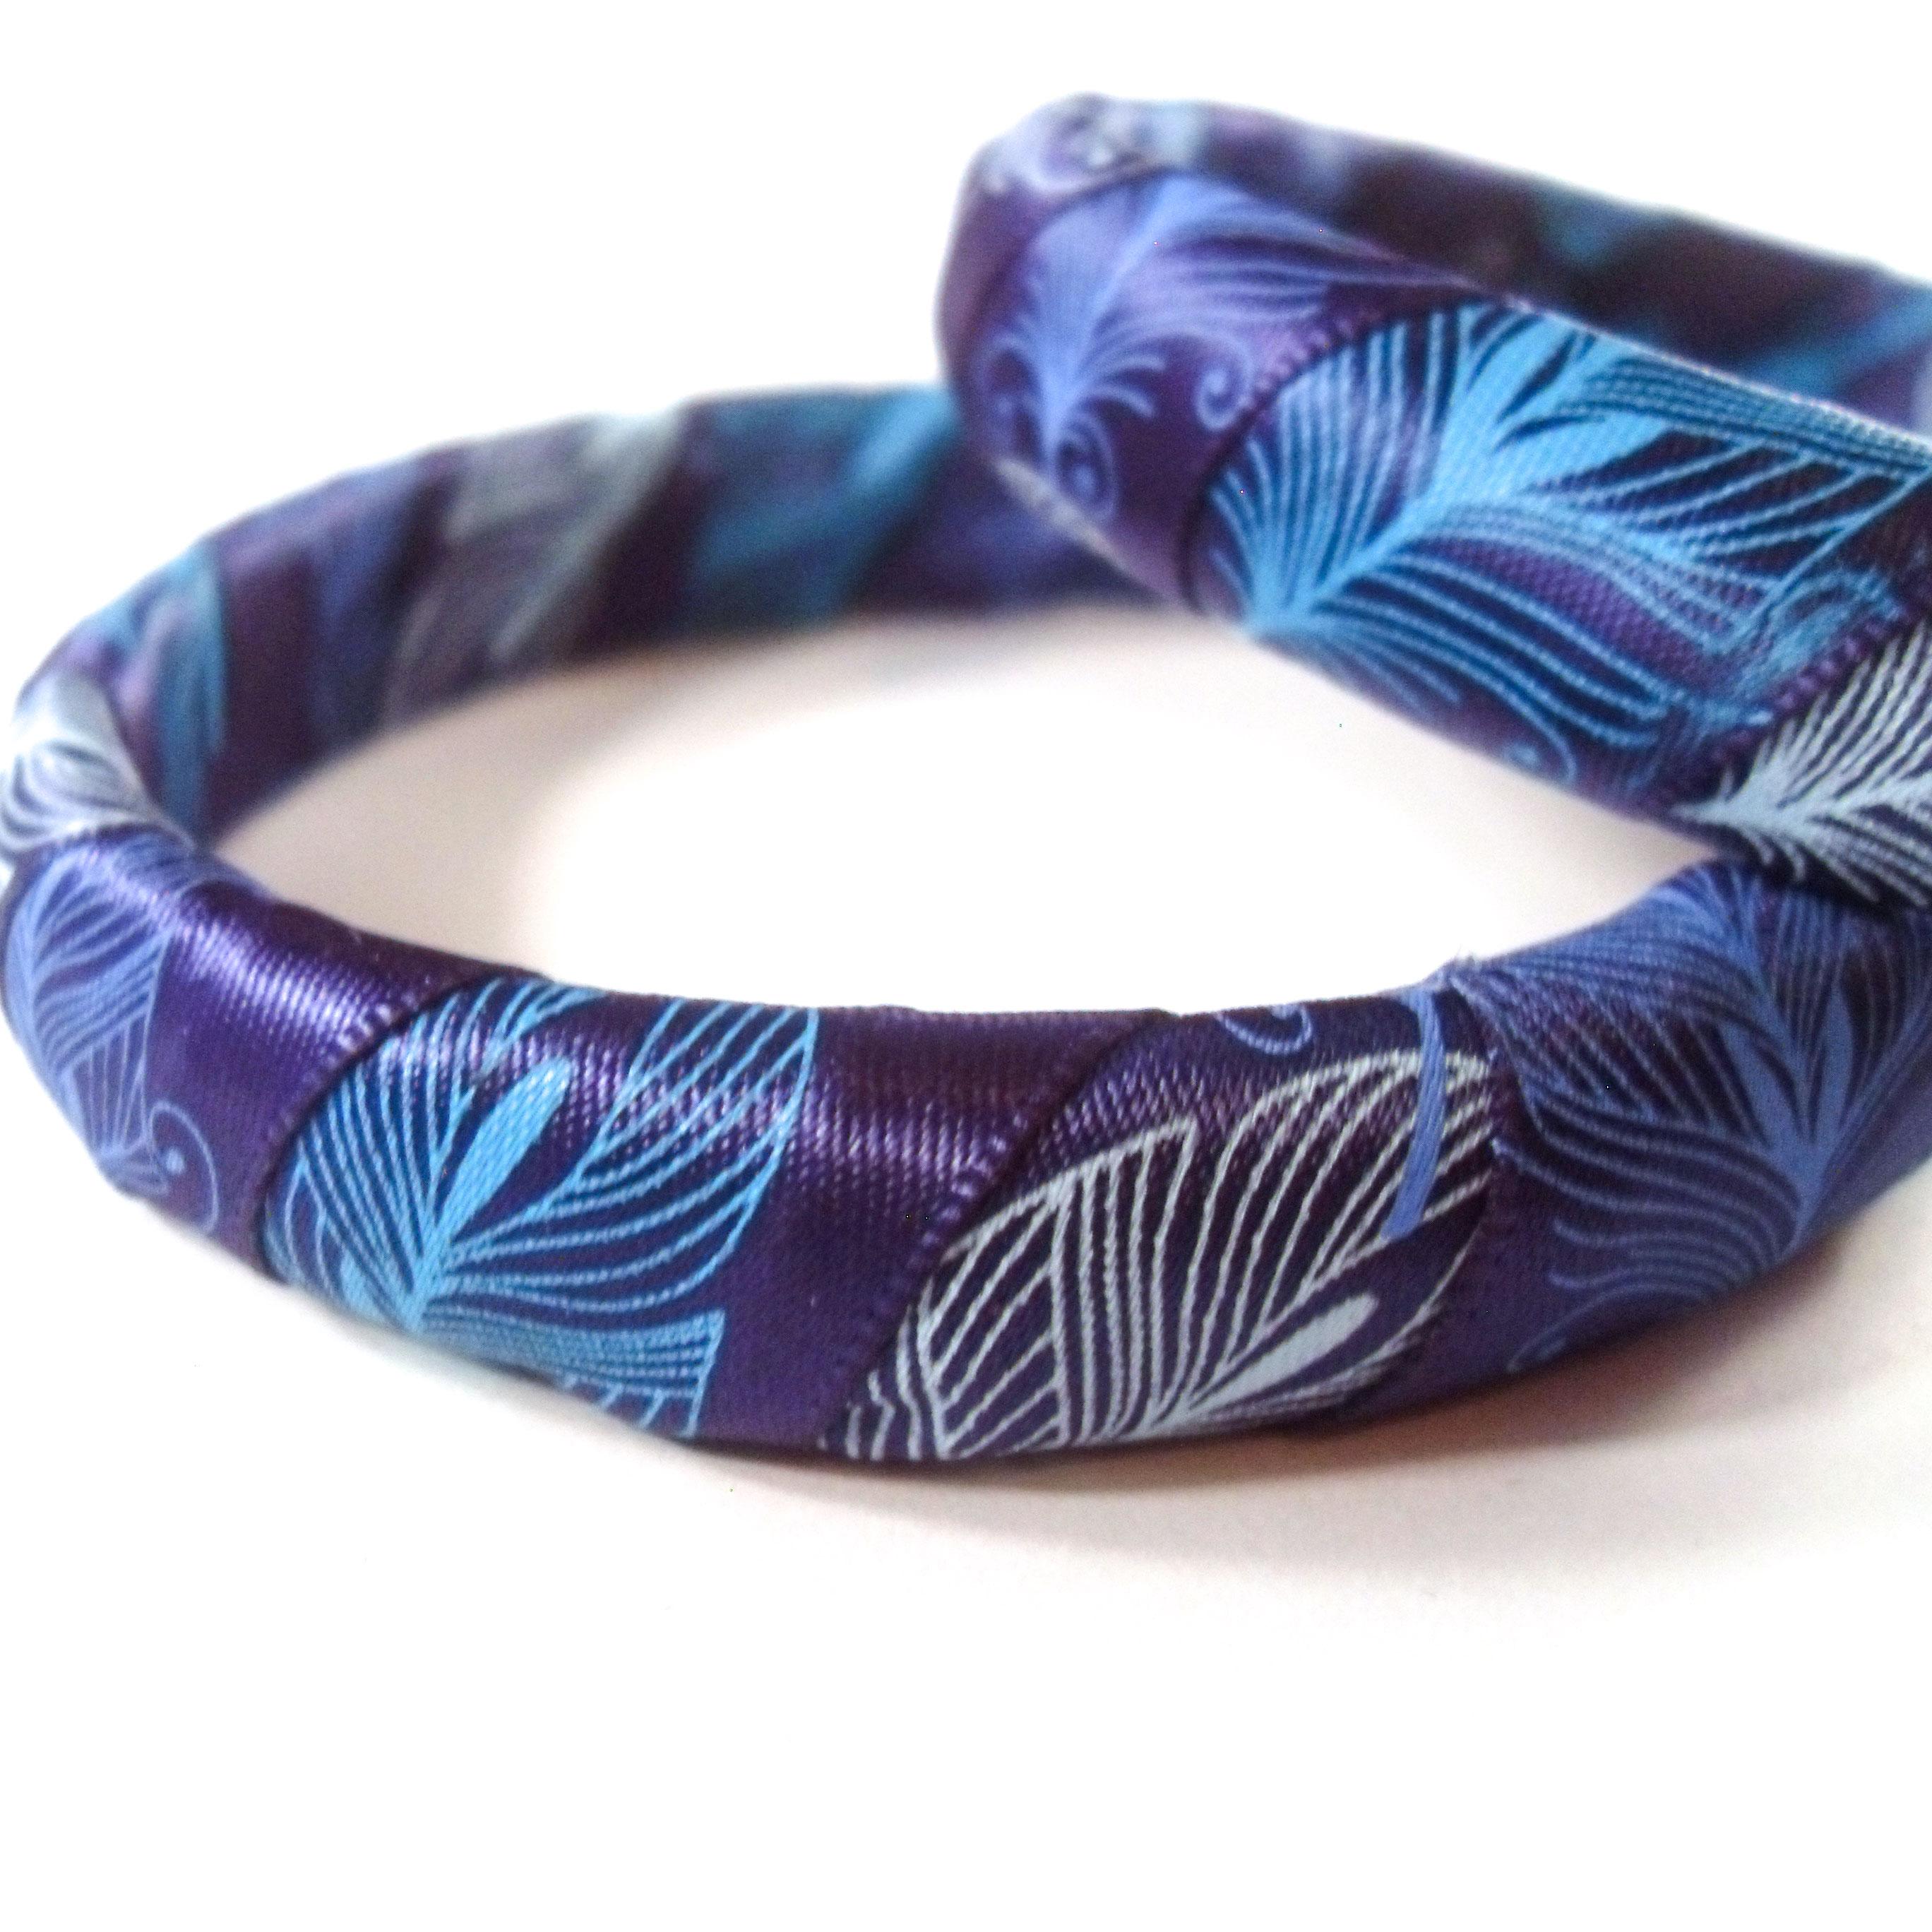 Peacock Bangle Bracelets